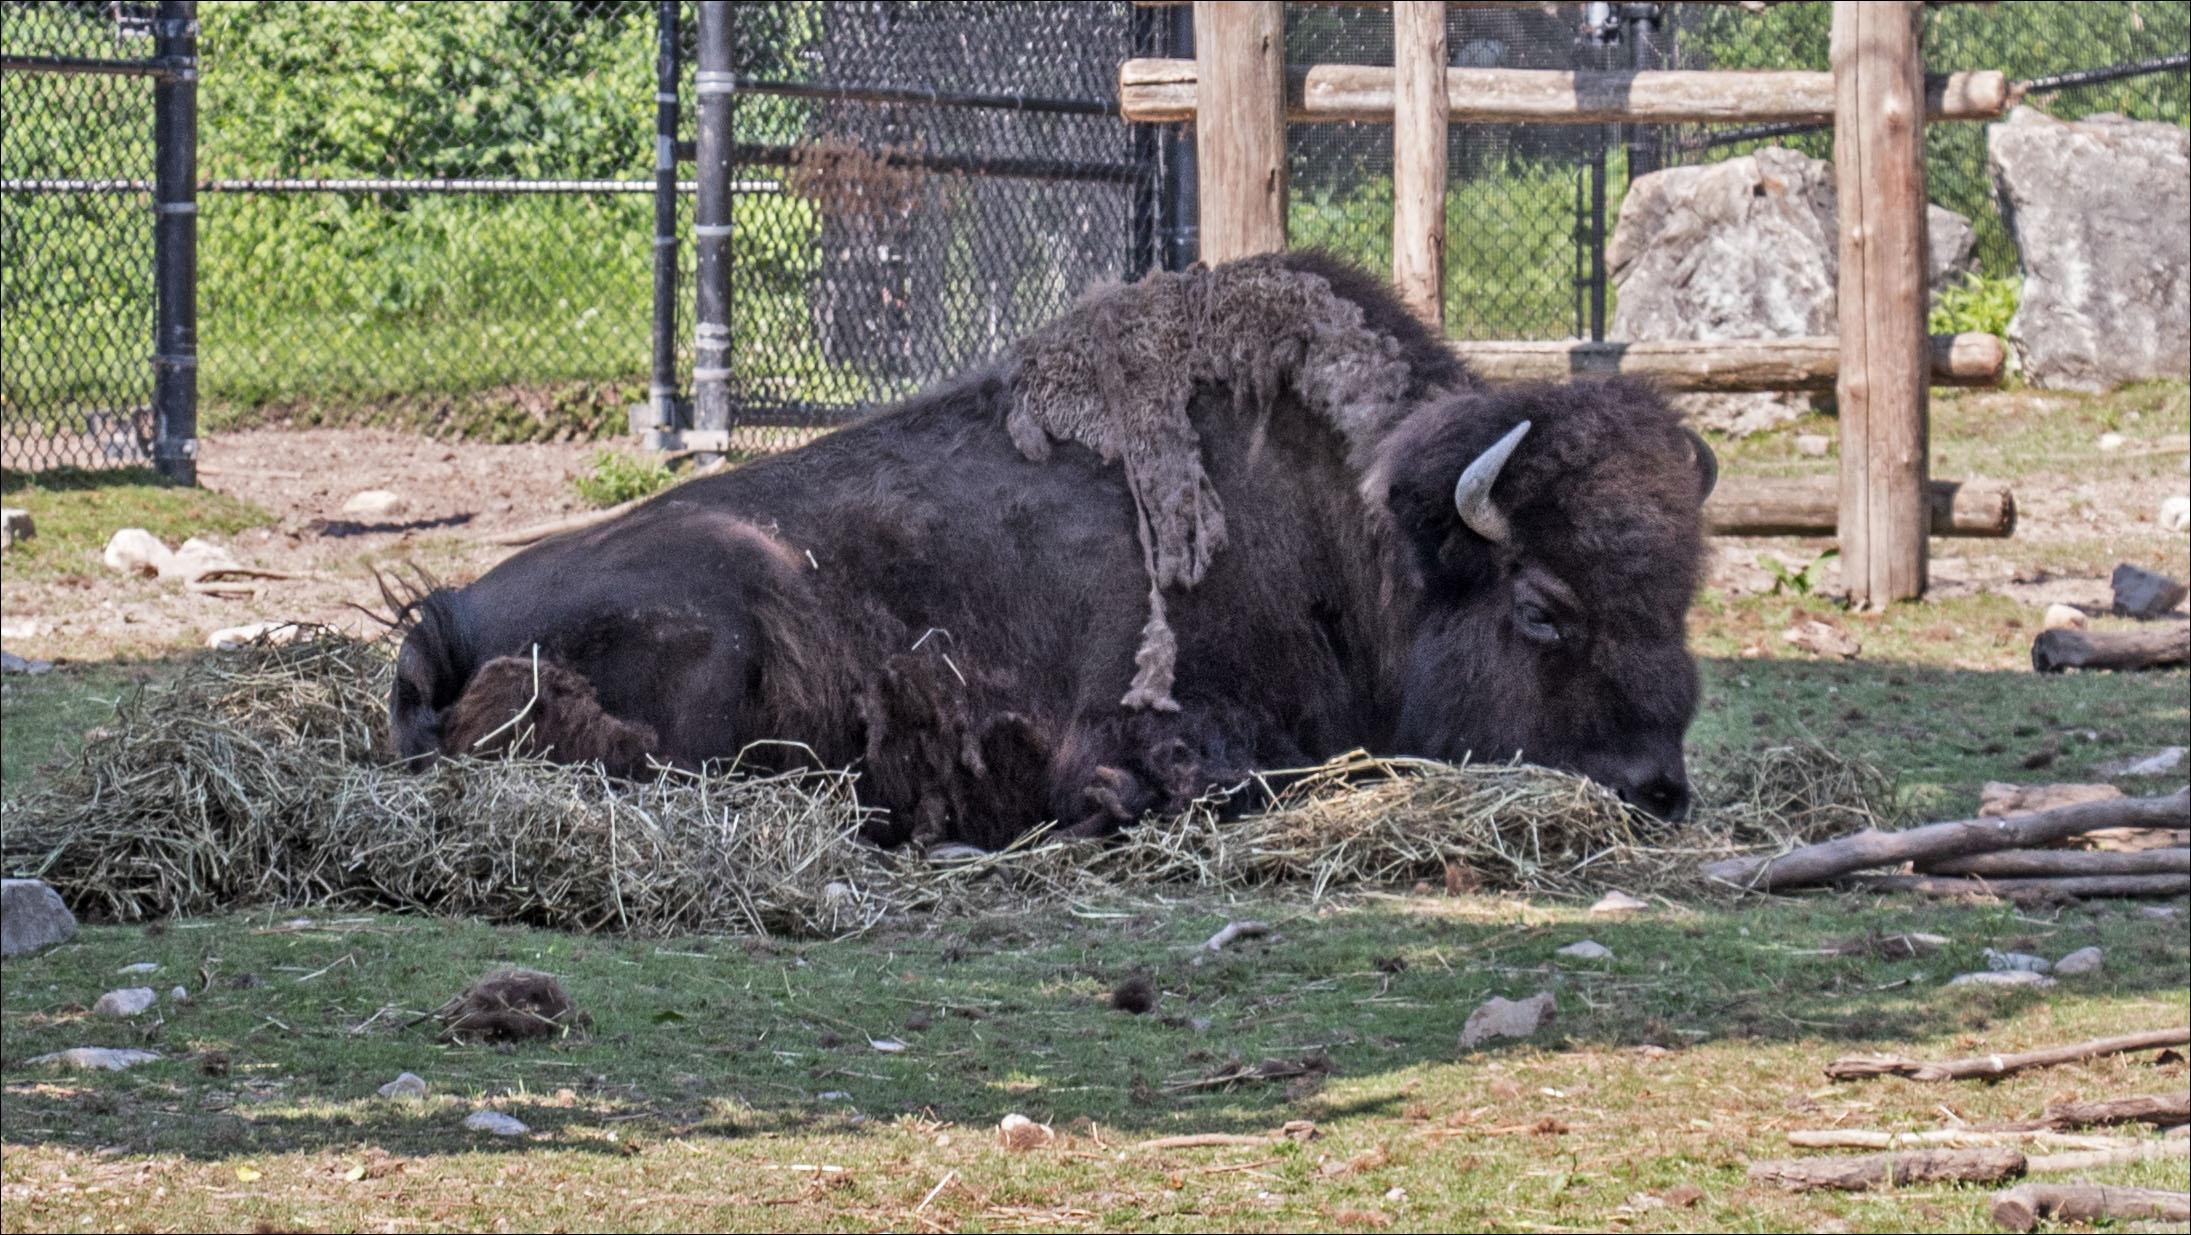 Shaggy Bison